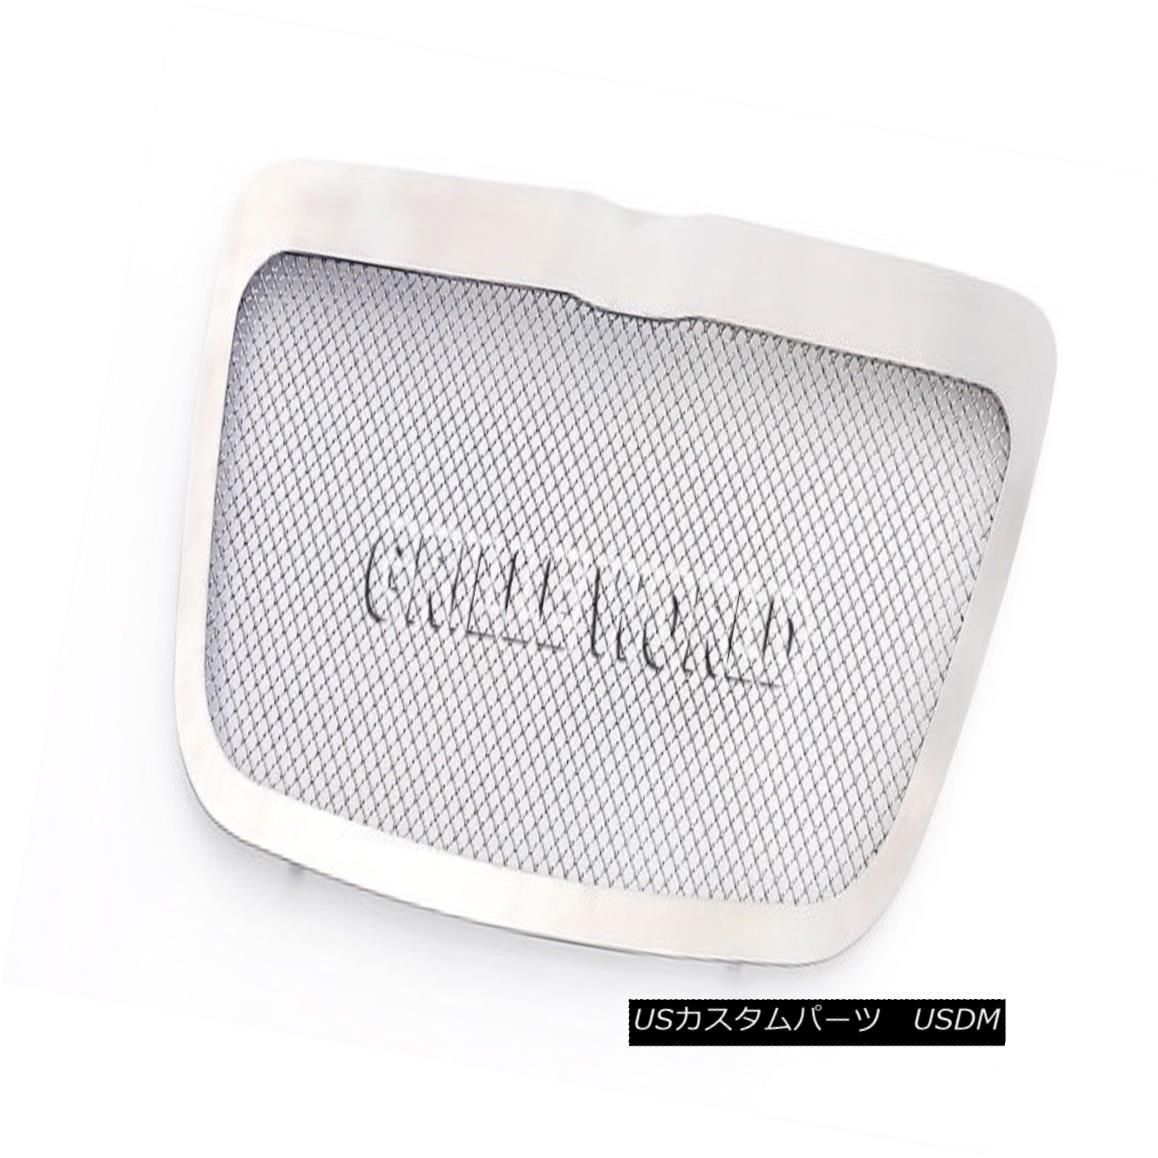 グリル For 2011-2014 Chrysler 300/300C Stainless Steel Mesh Premium Grille Grill 2011-2014クライスラー300 / 300Cステンレスメッシュプレミアムグリルグリル